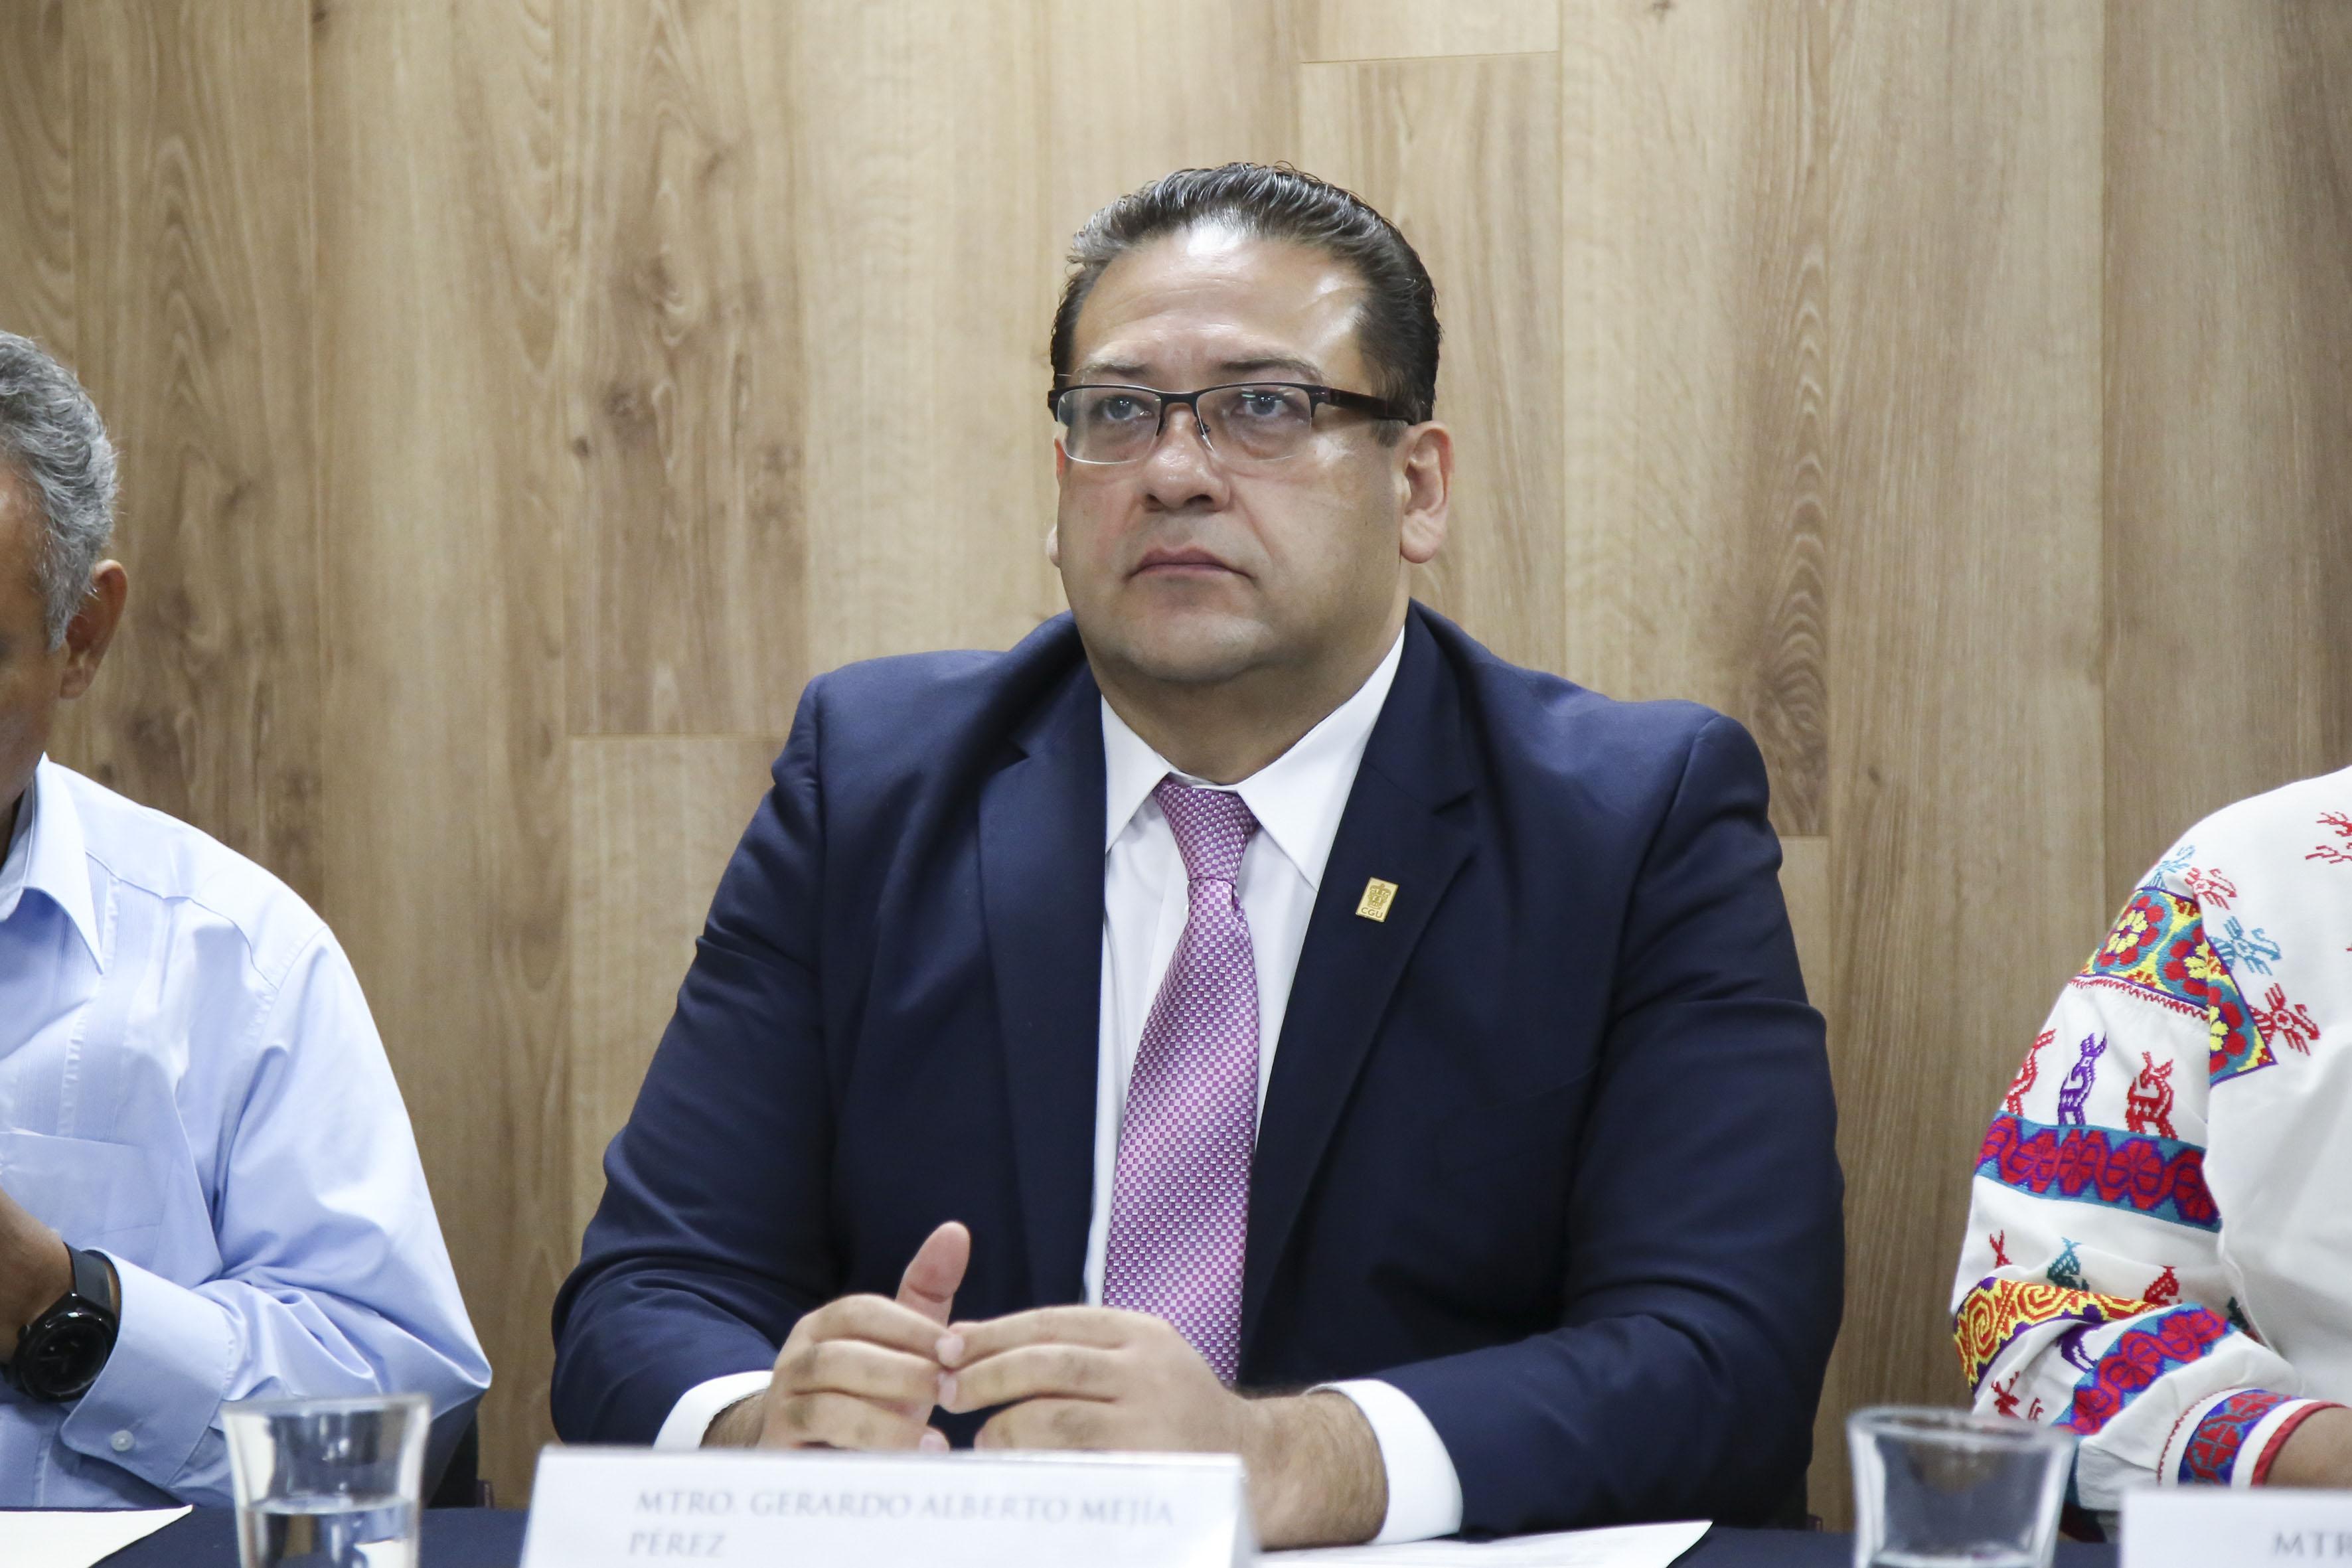 Rector del Centro Universitario del Norte (CUNorte), maestro Gerardo Alberto Mejía Pérez participando en rueda de prensa